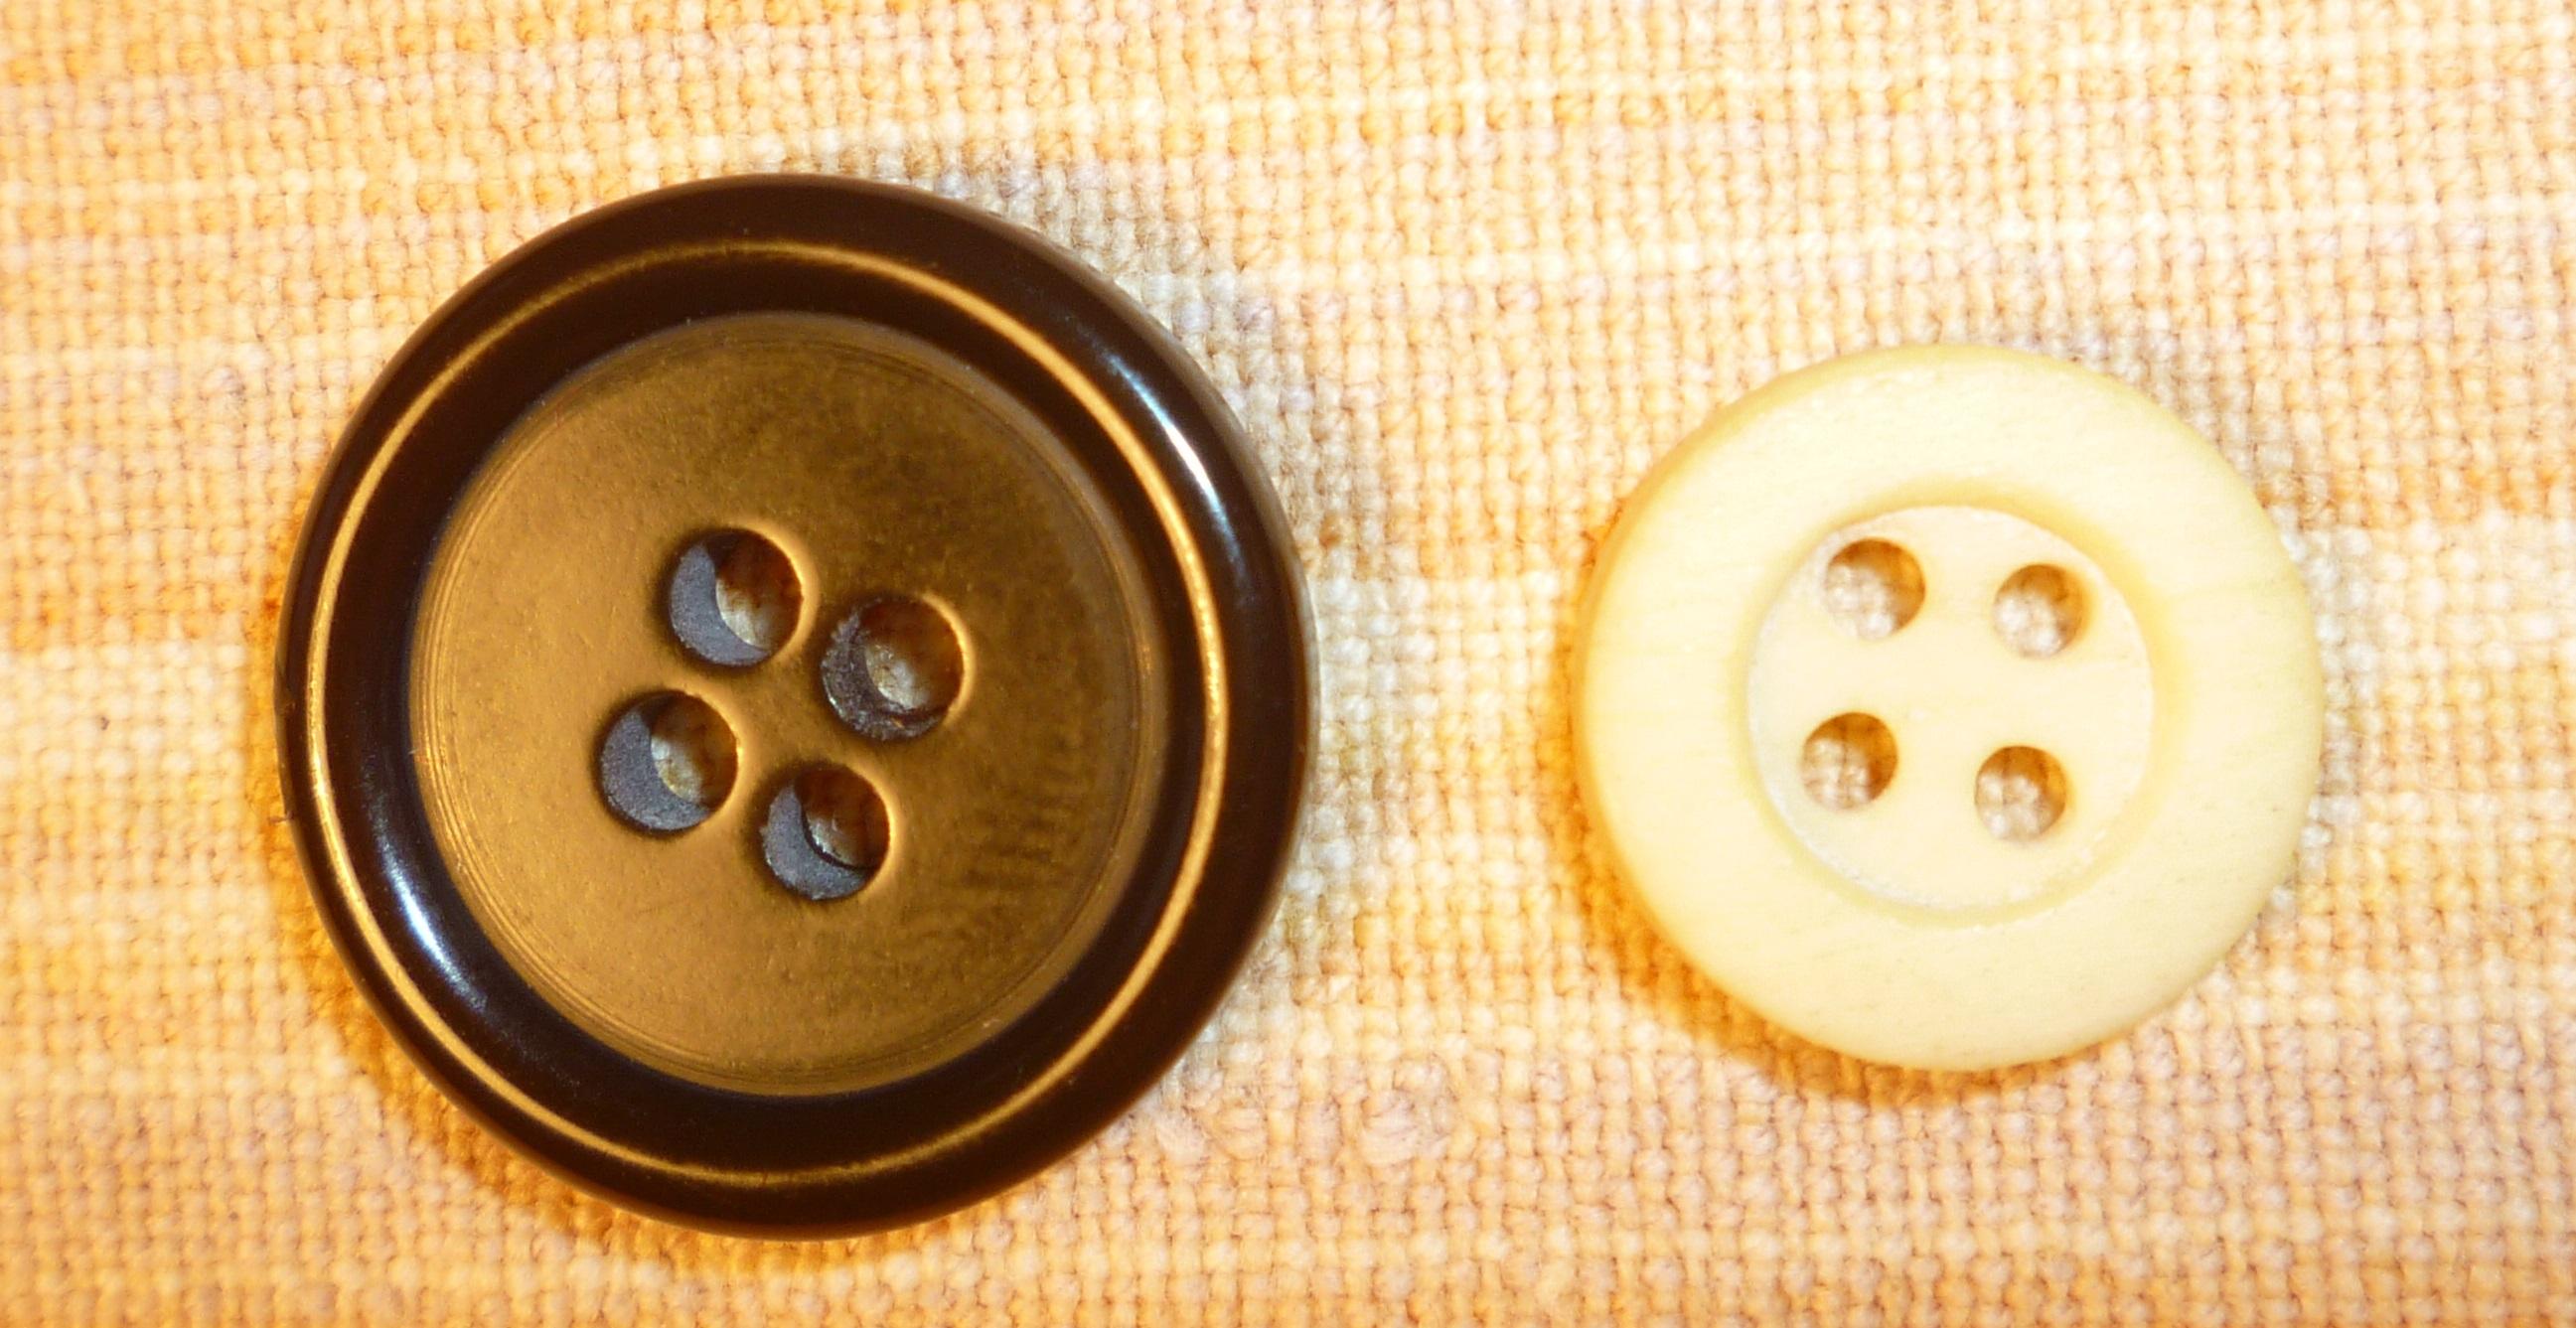 Buttons-1.jpg